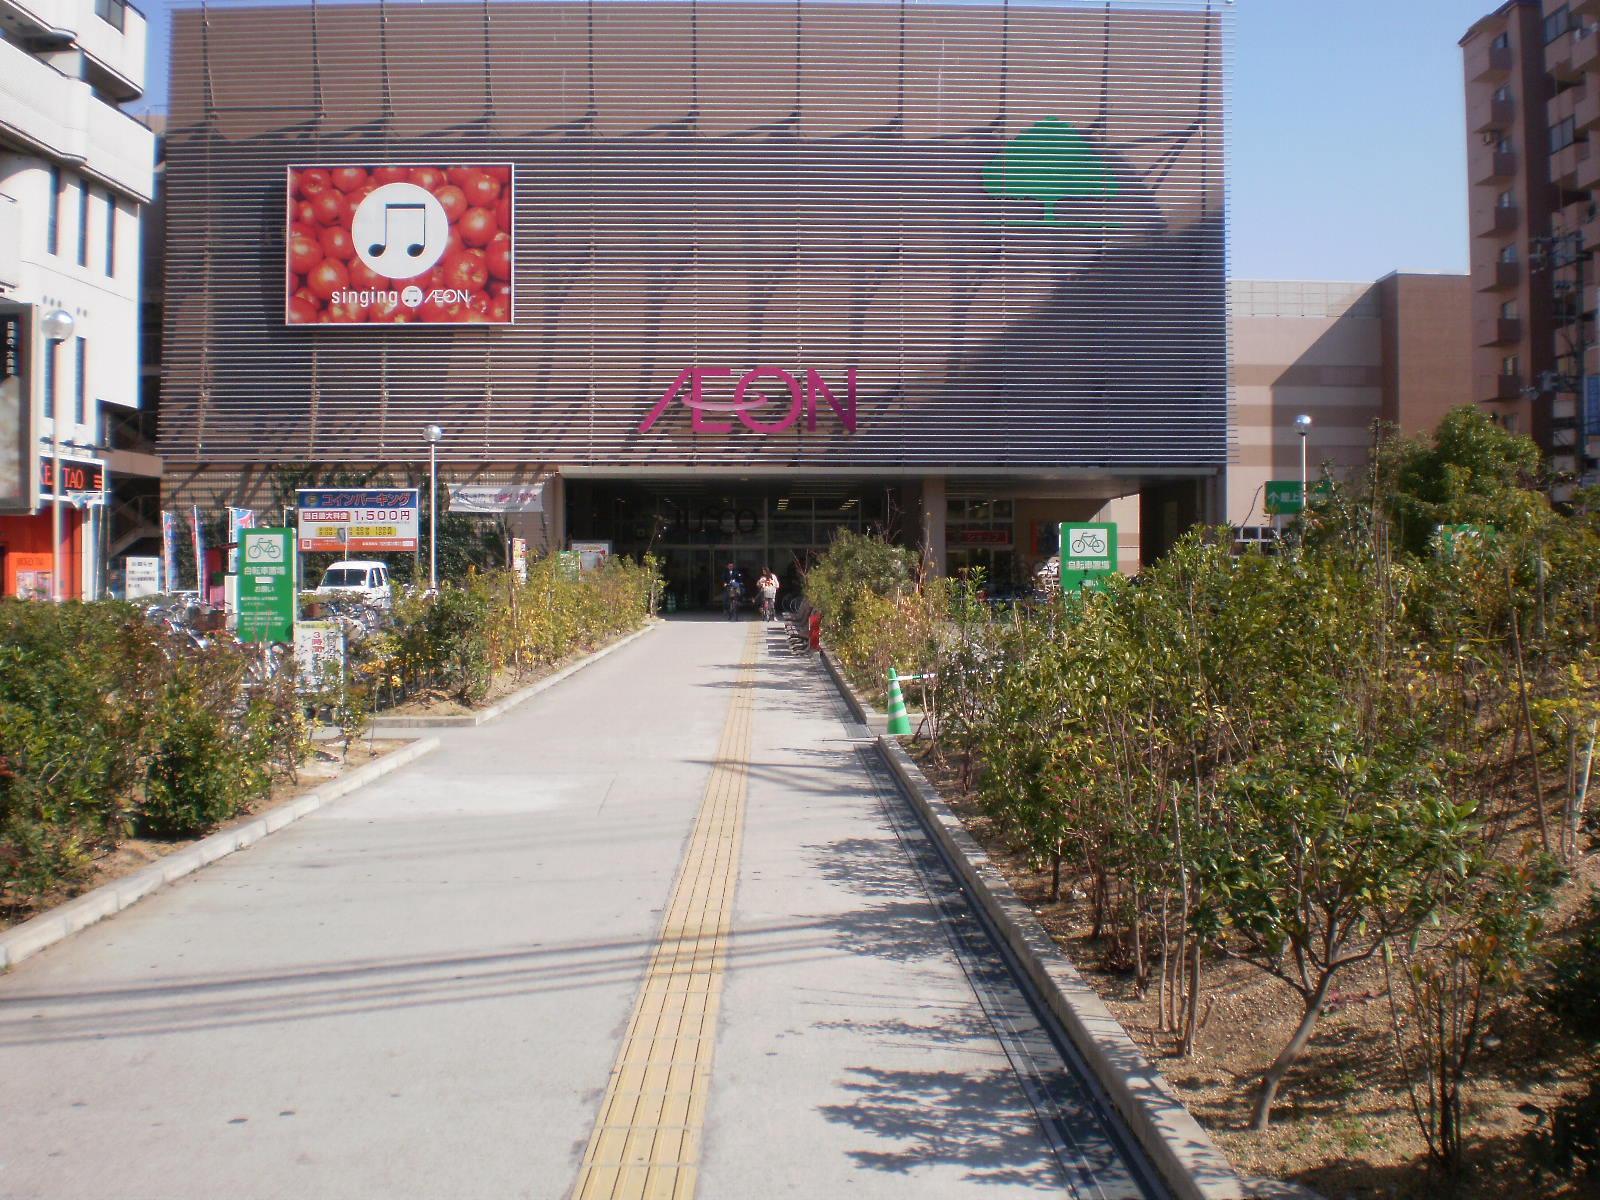 ショッピングセンター ライトオン喜連瓜破イオン店(ショッピングセンター)まで1210m